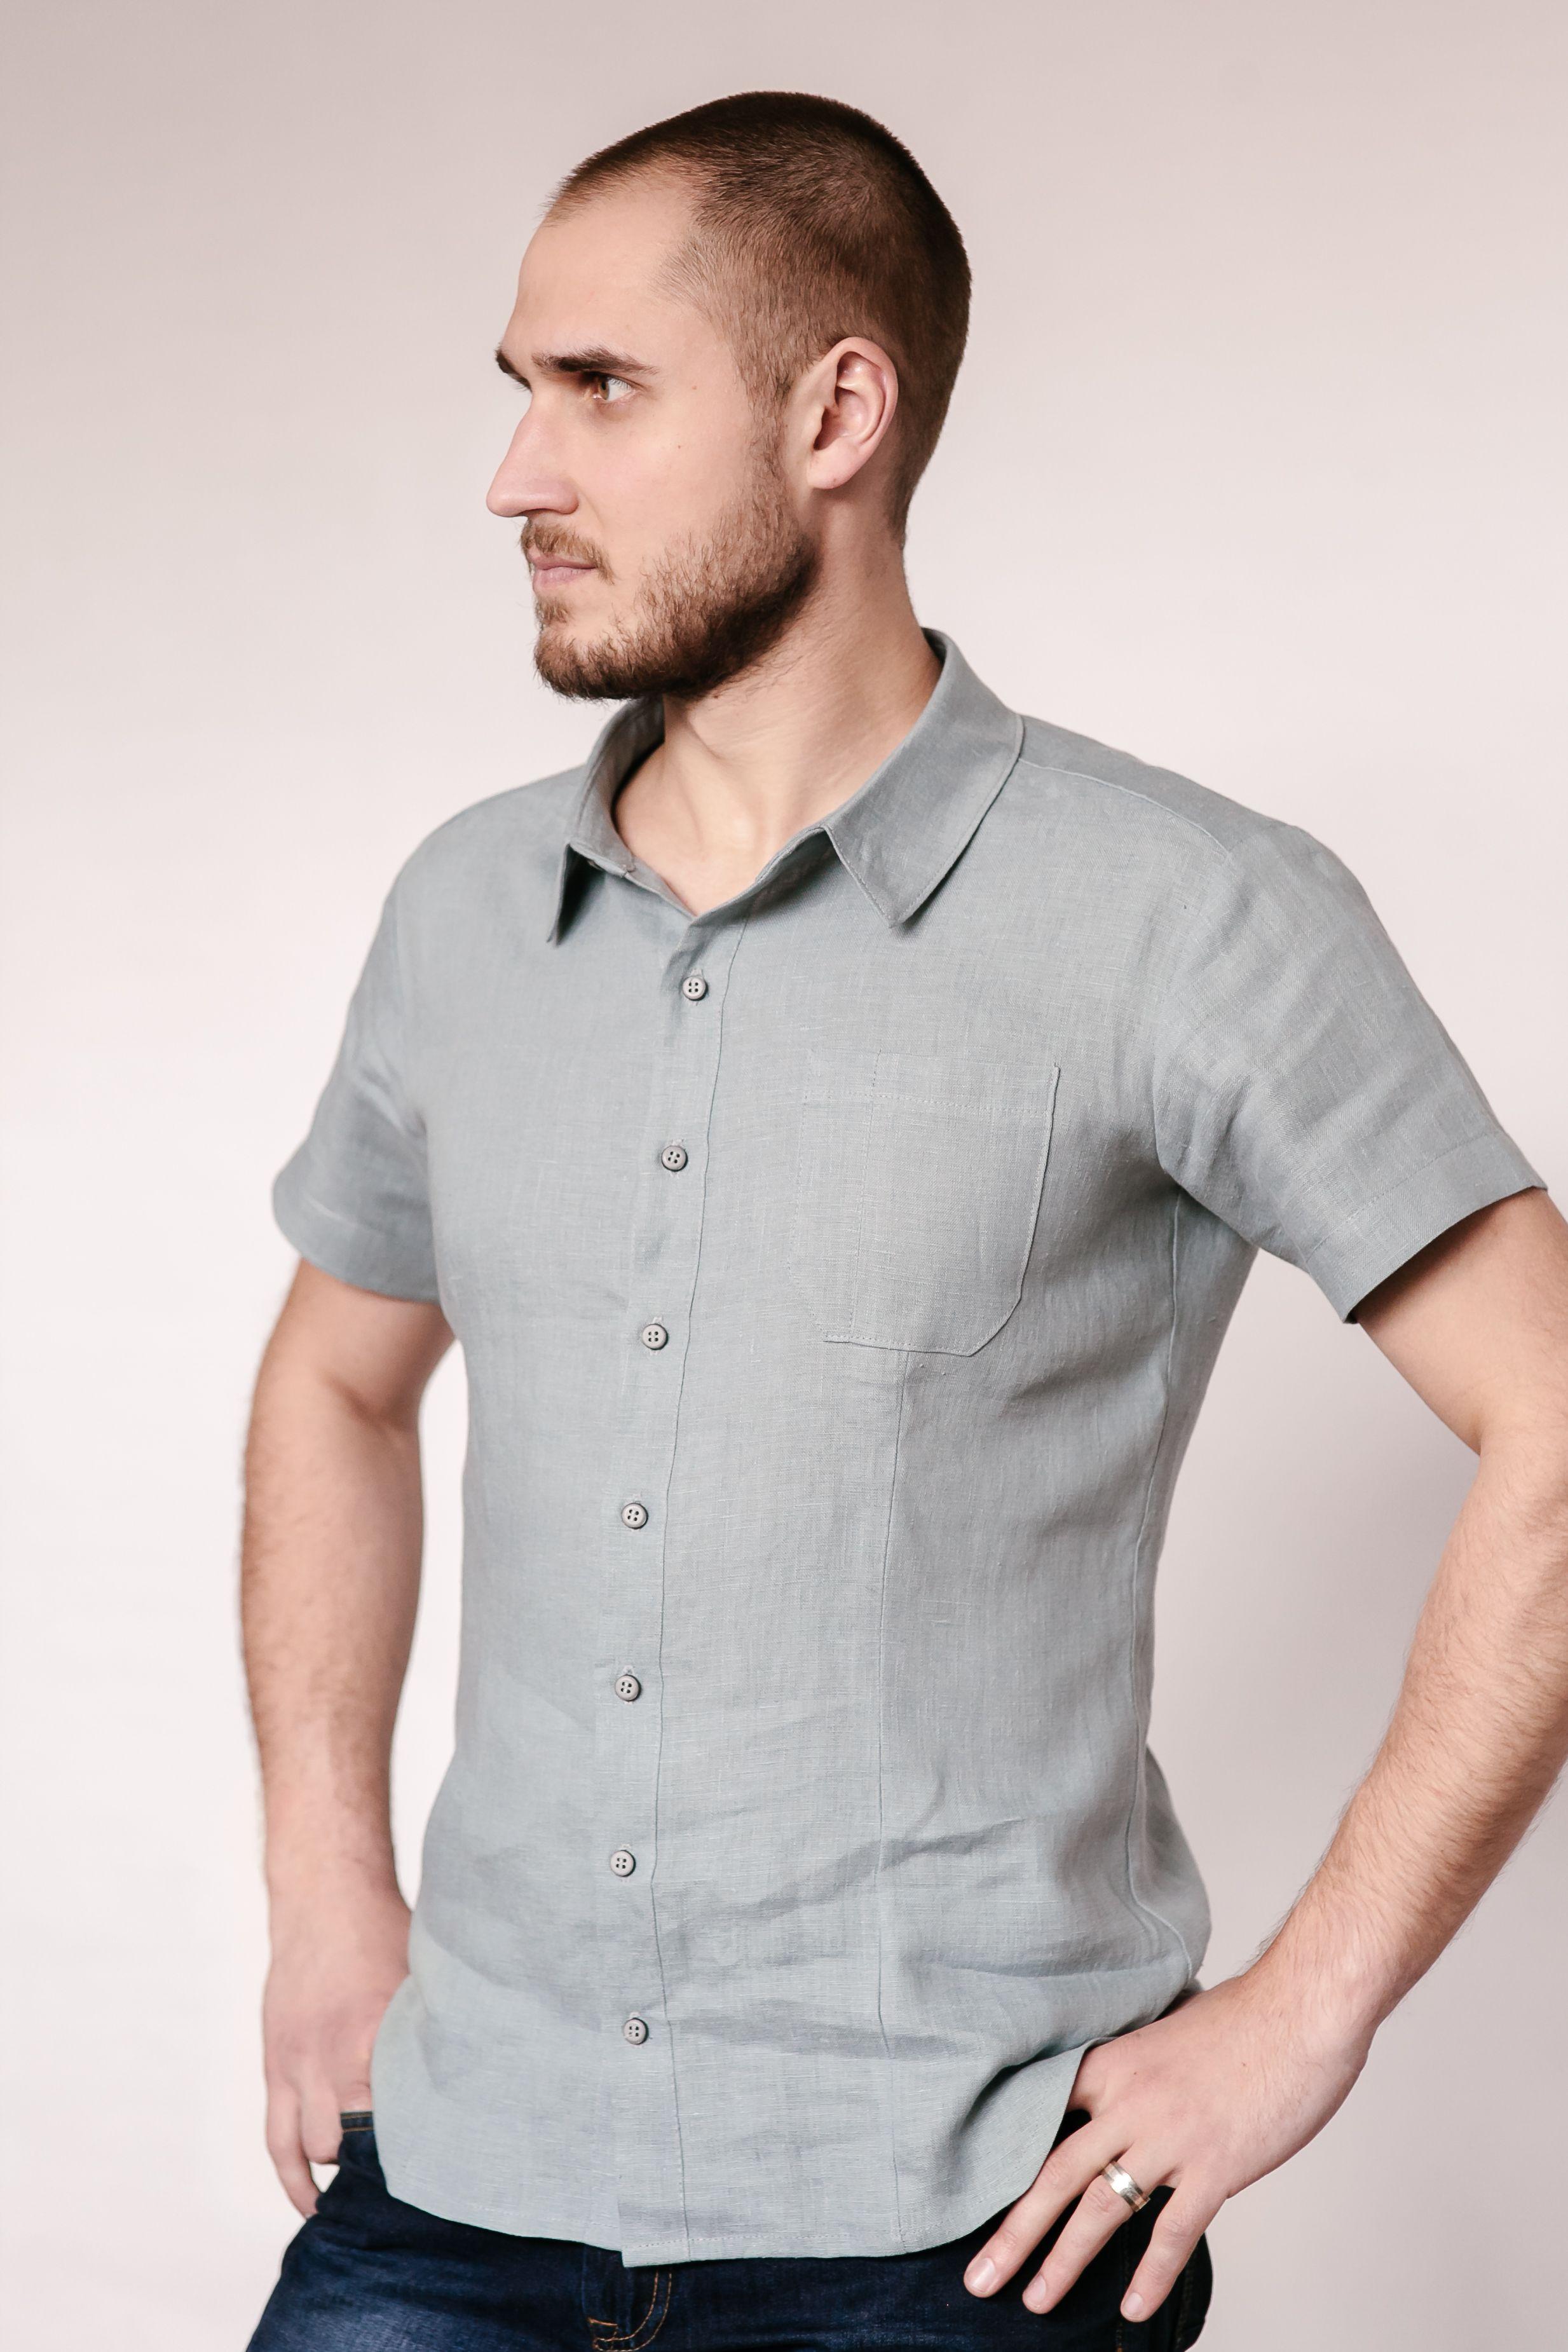 Linen short sleeve mens shirt with images linen